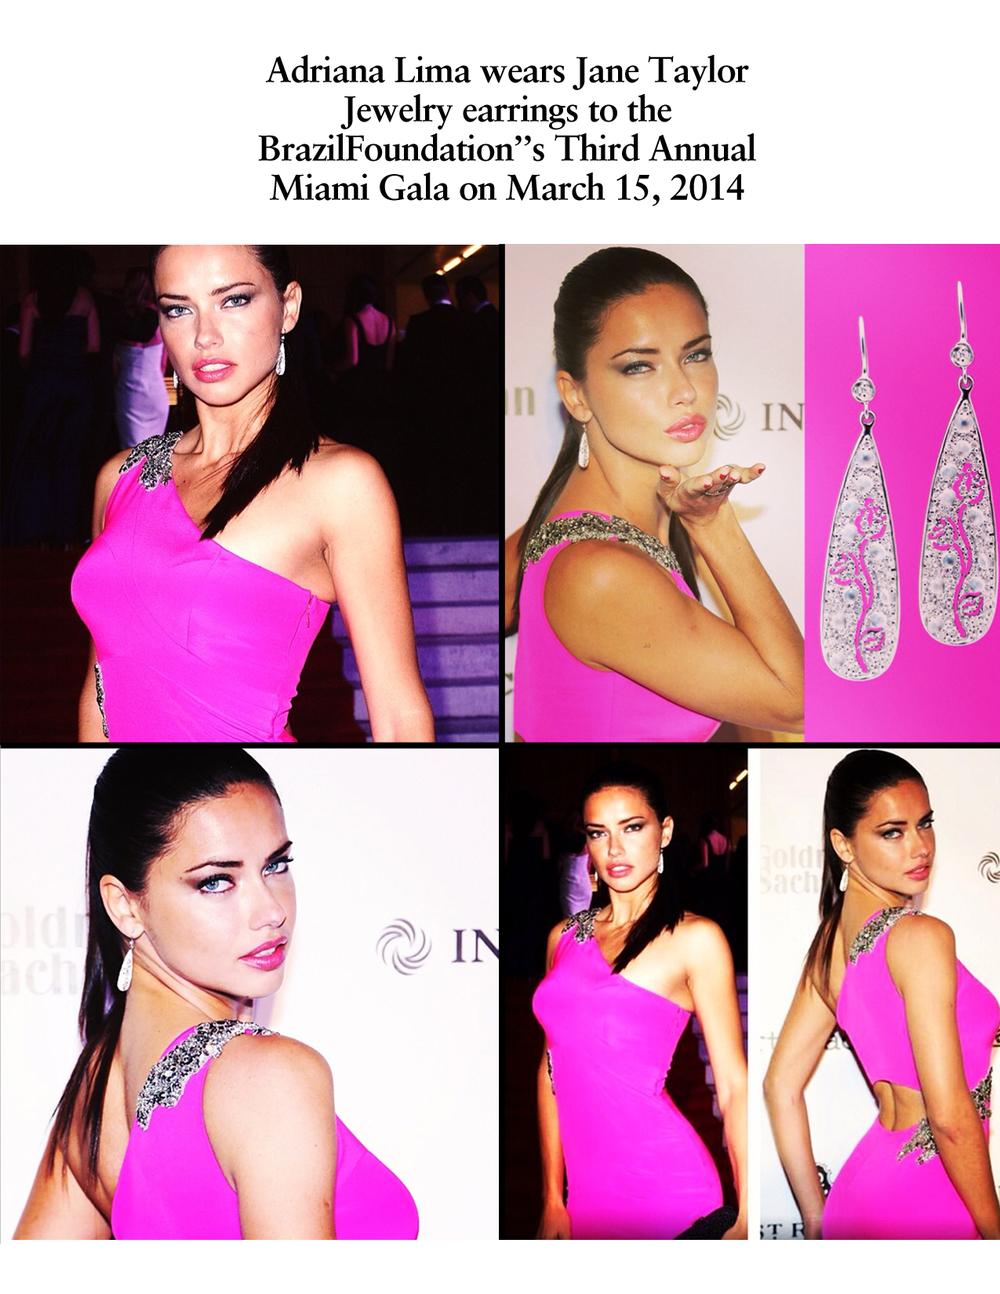 2014-3.15-Adriana Lima wearing Jane Taylor Jewelry at the BrazilFoundation gala.jpg